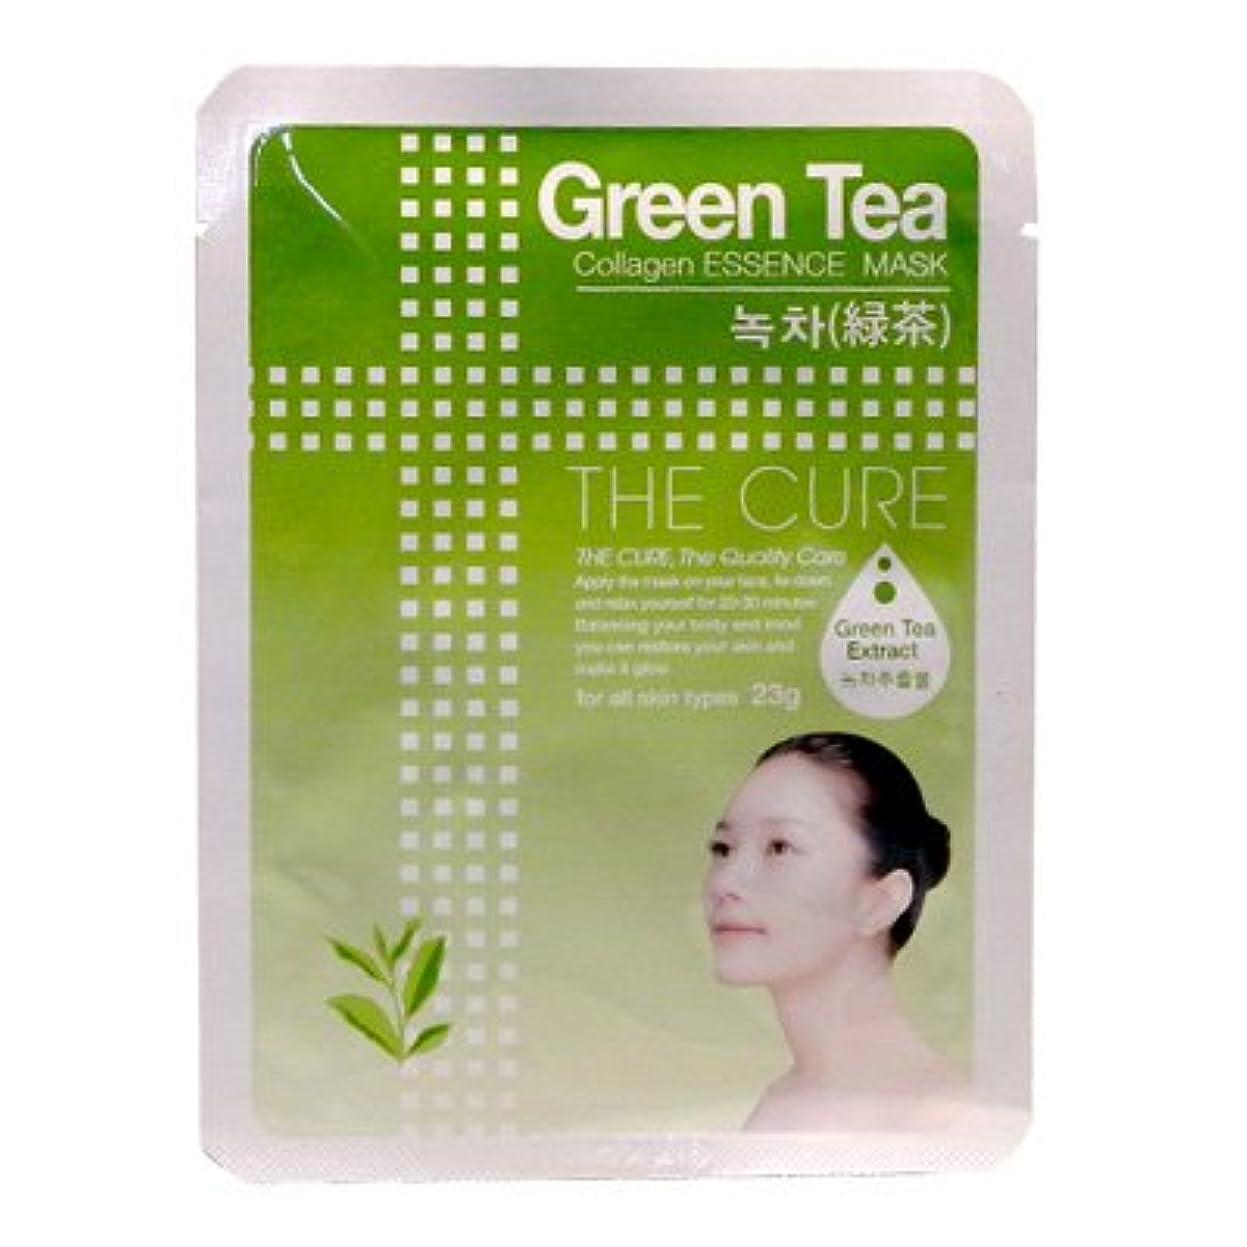 ブラウズ下位収束CURE マスク シートパック 緑茶